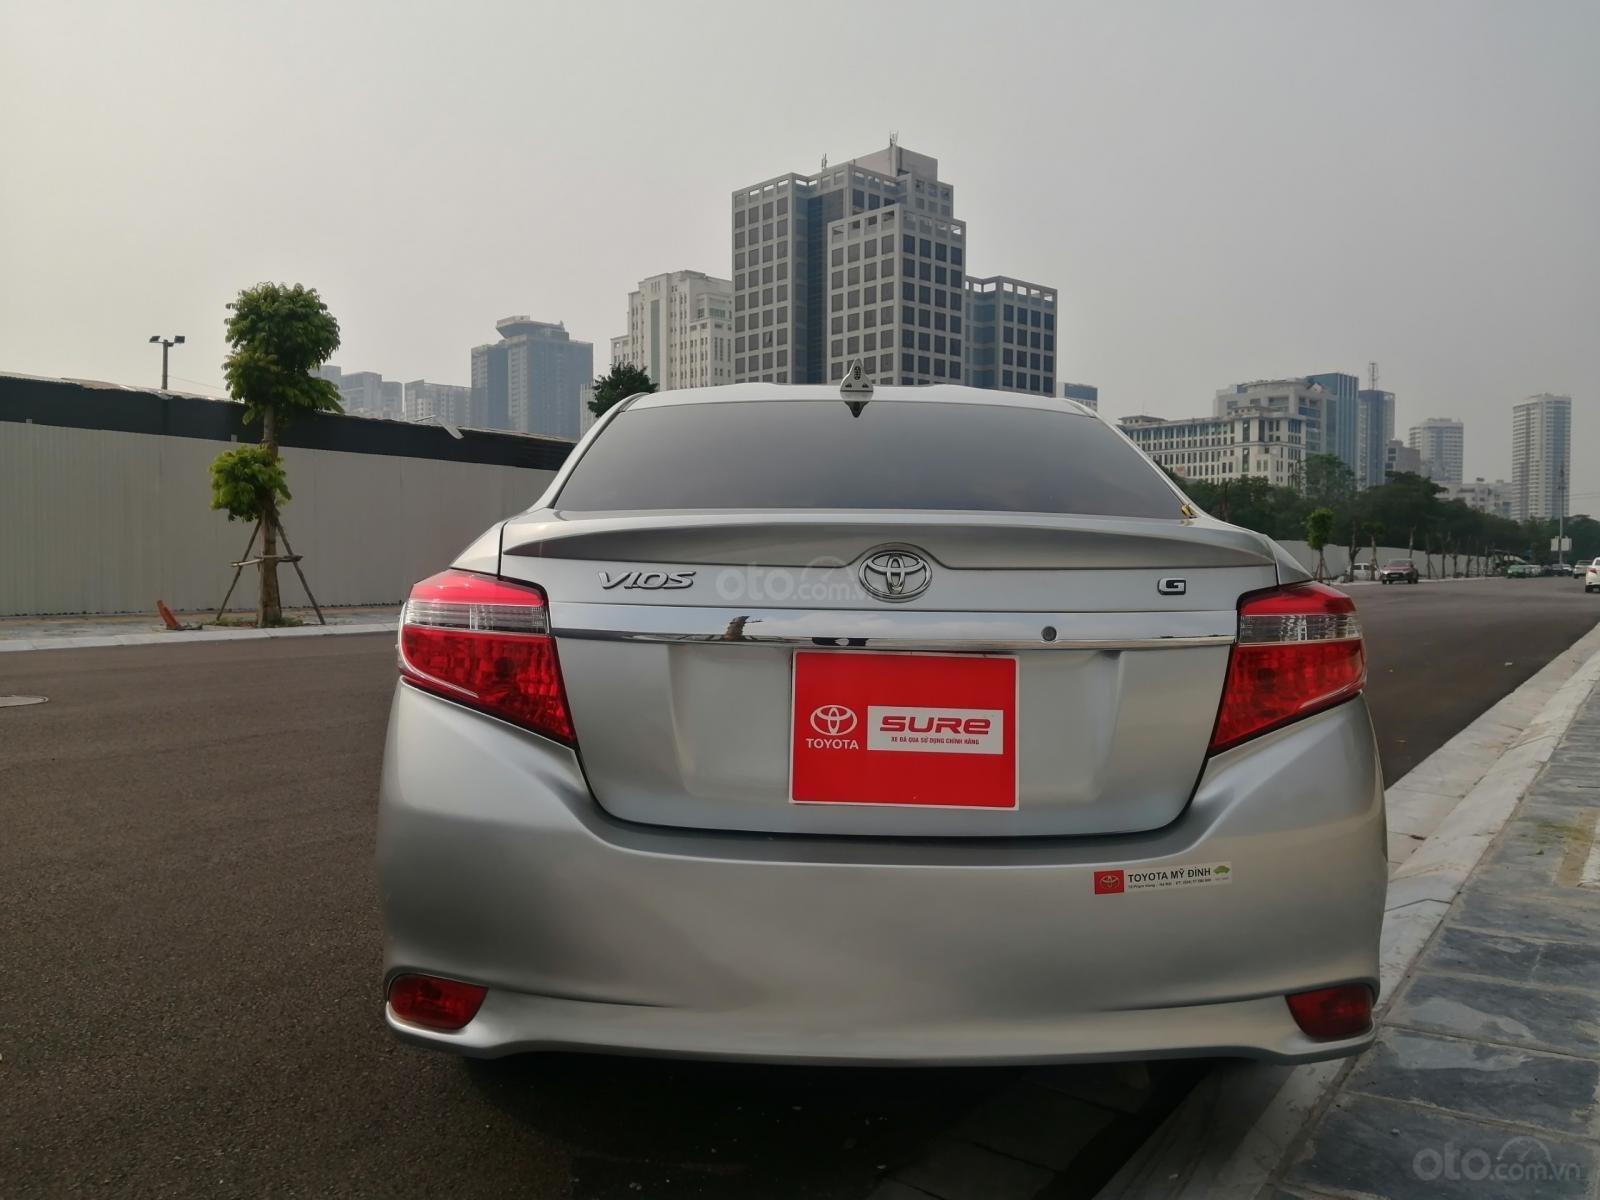 Toyota Mỹ Đình - trung tâm xe đã qua sử dụng - cần bán Toyota Vios đời 2014, 419tr (3)